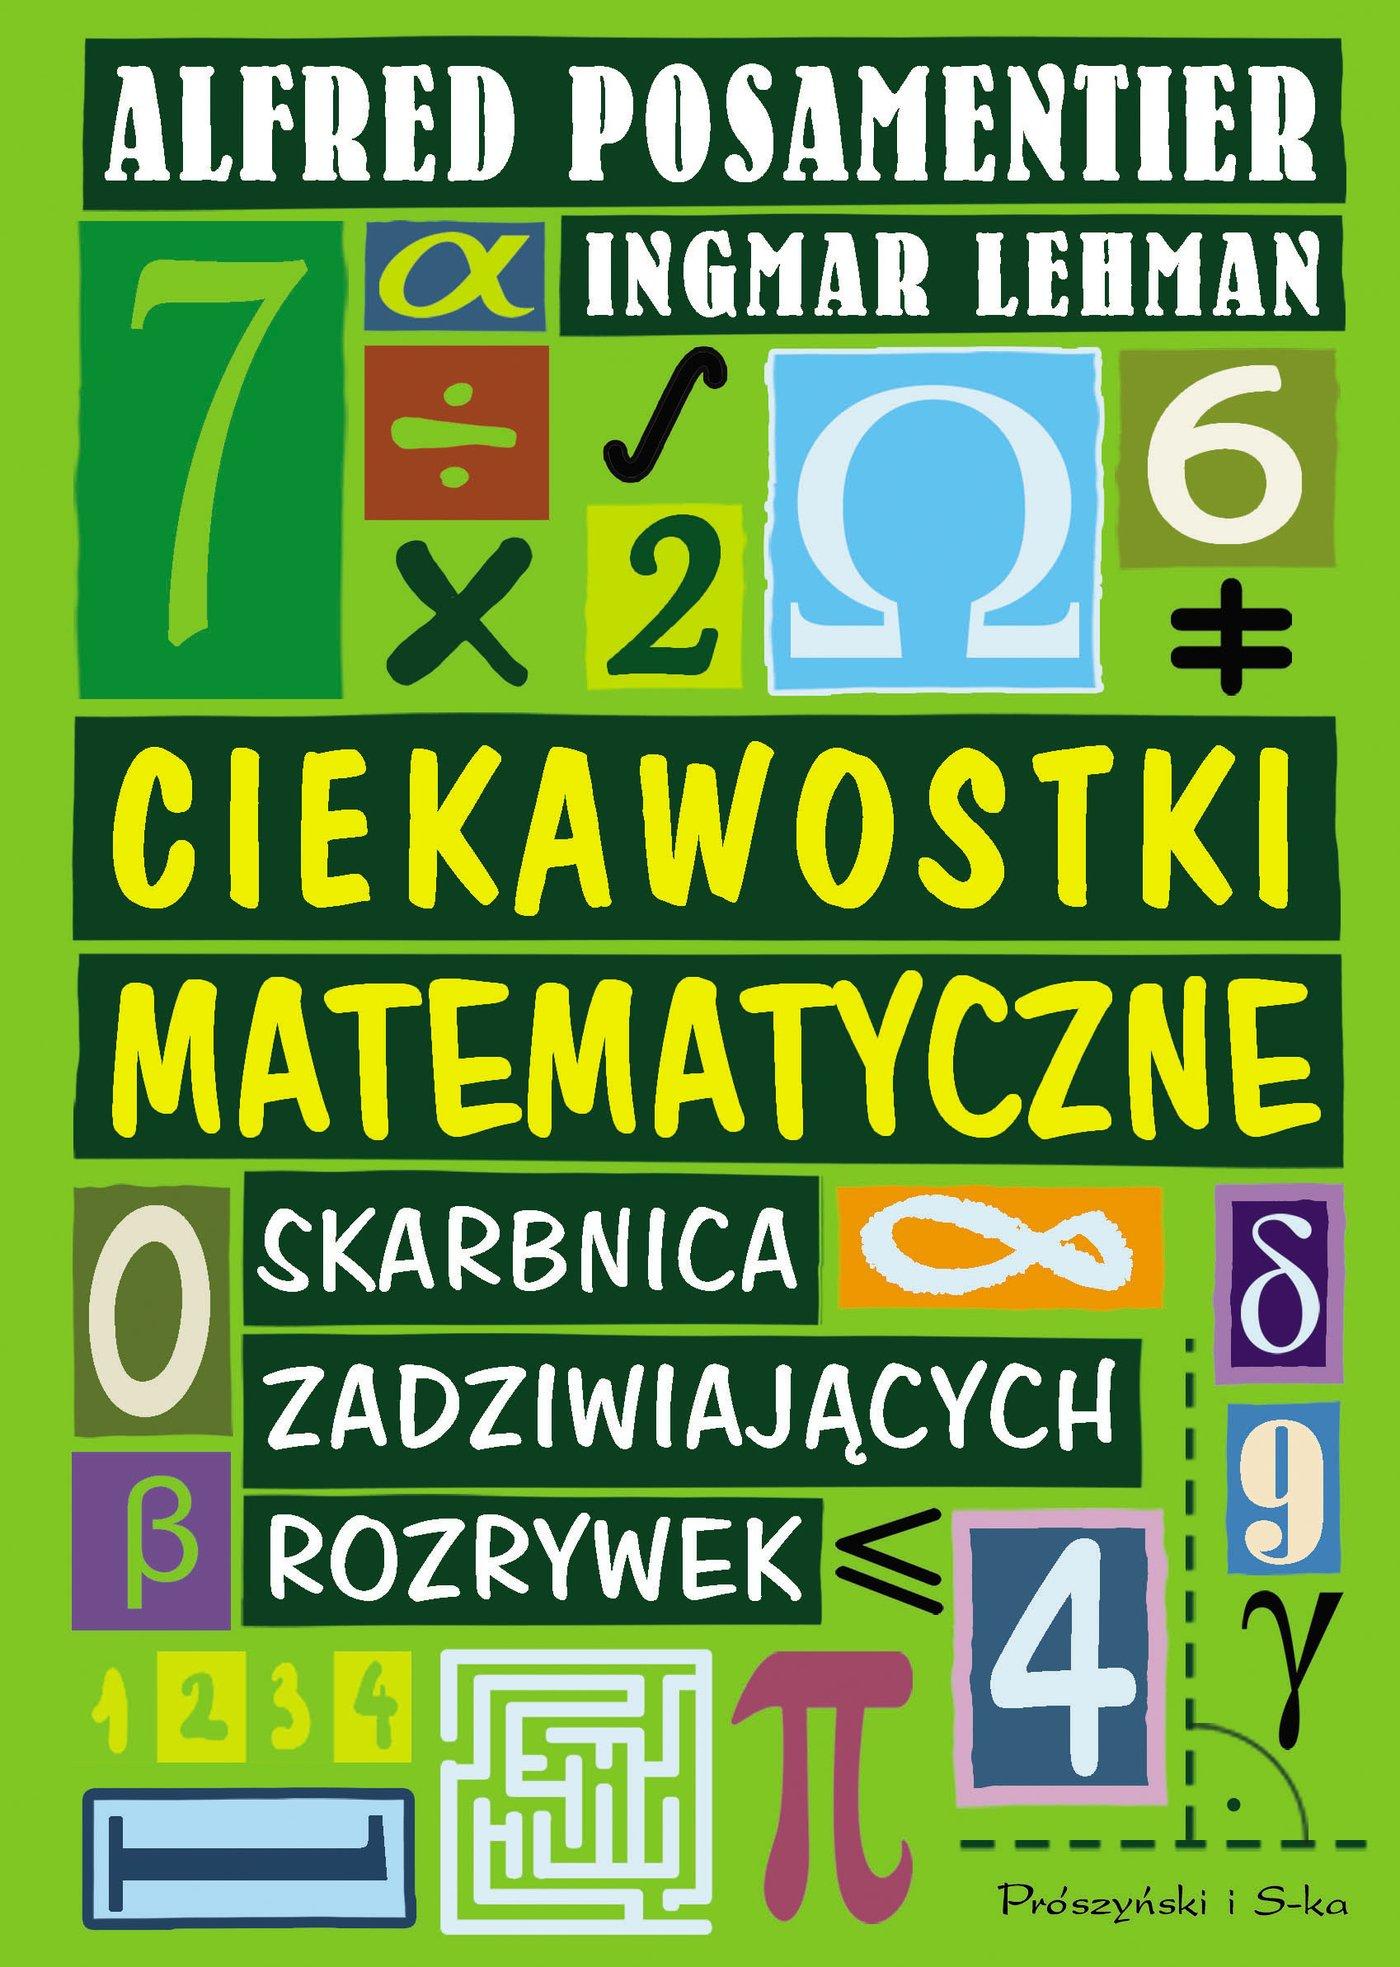 Ciekawostki matematyczne. Skarbnica Zadziwiających rozrywek - Ebook (Książka na Kindle) do pobrania w formacie MOBI